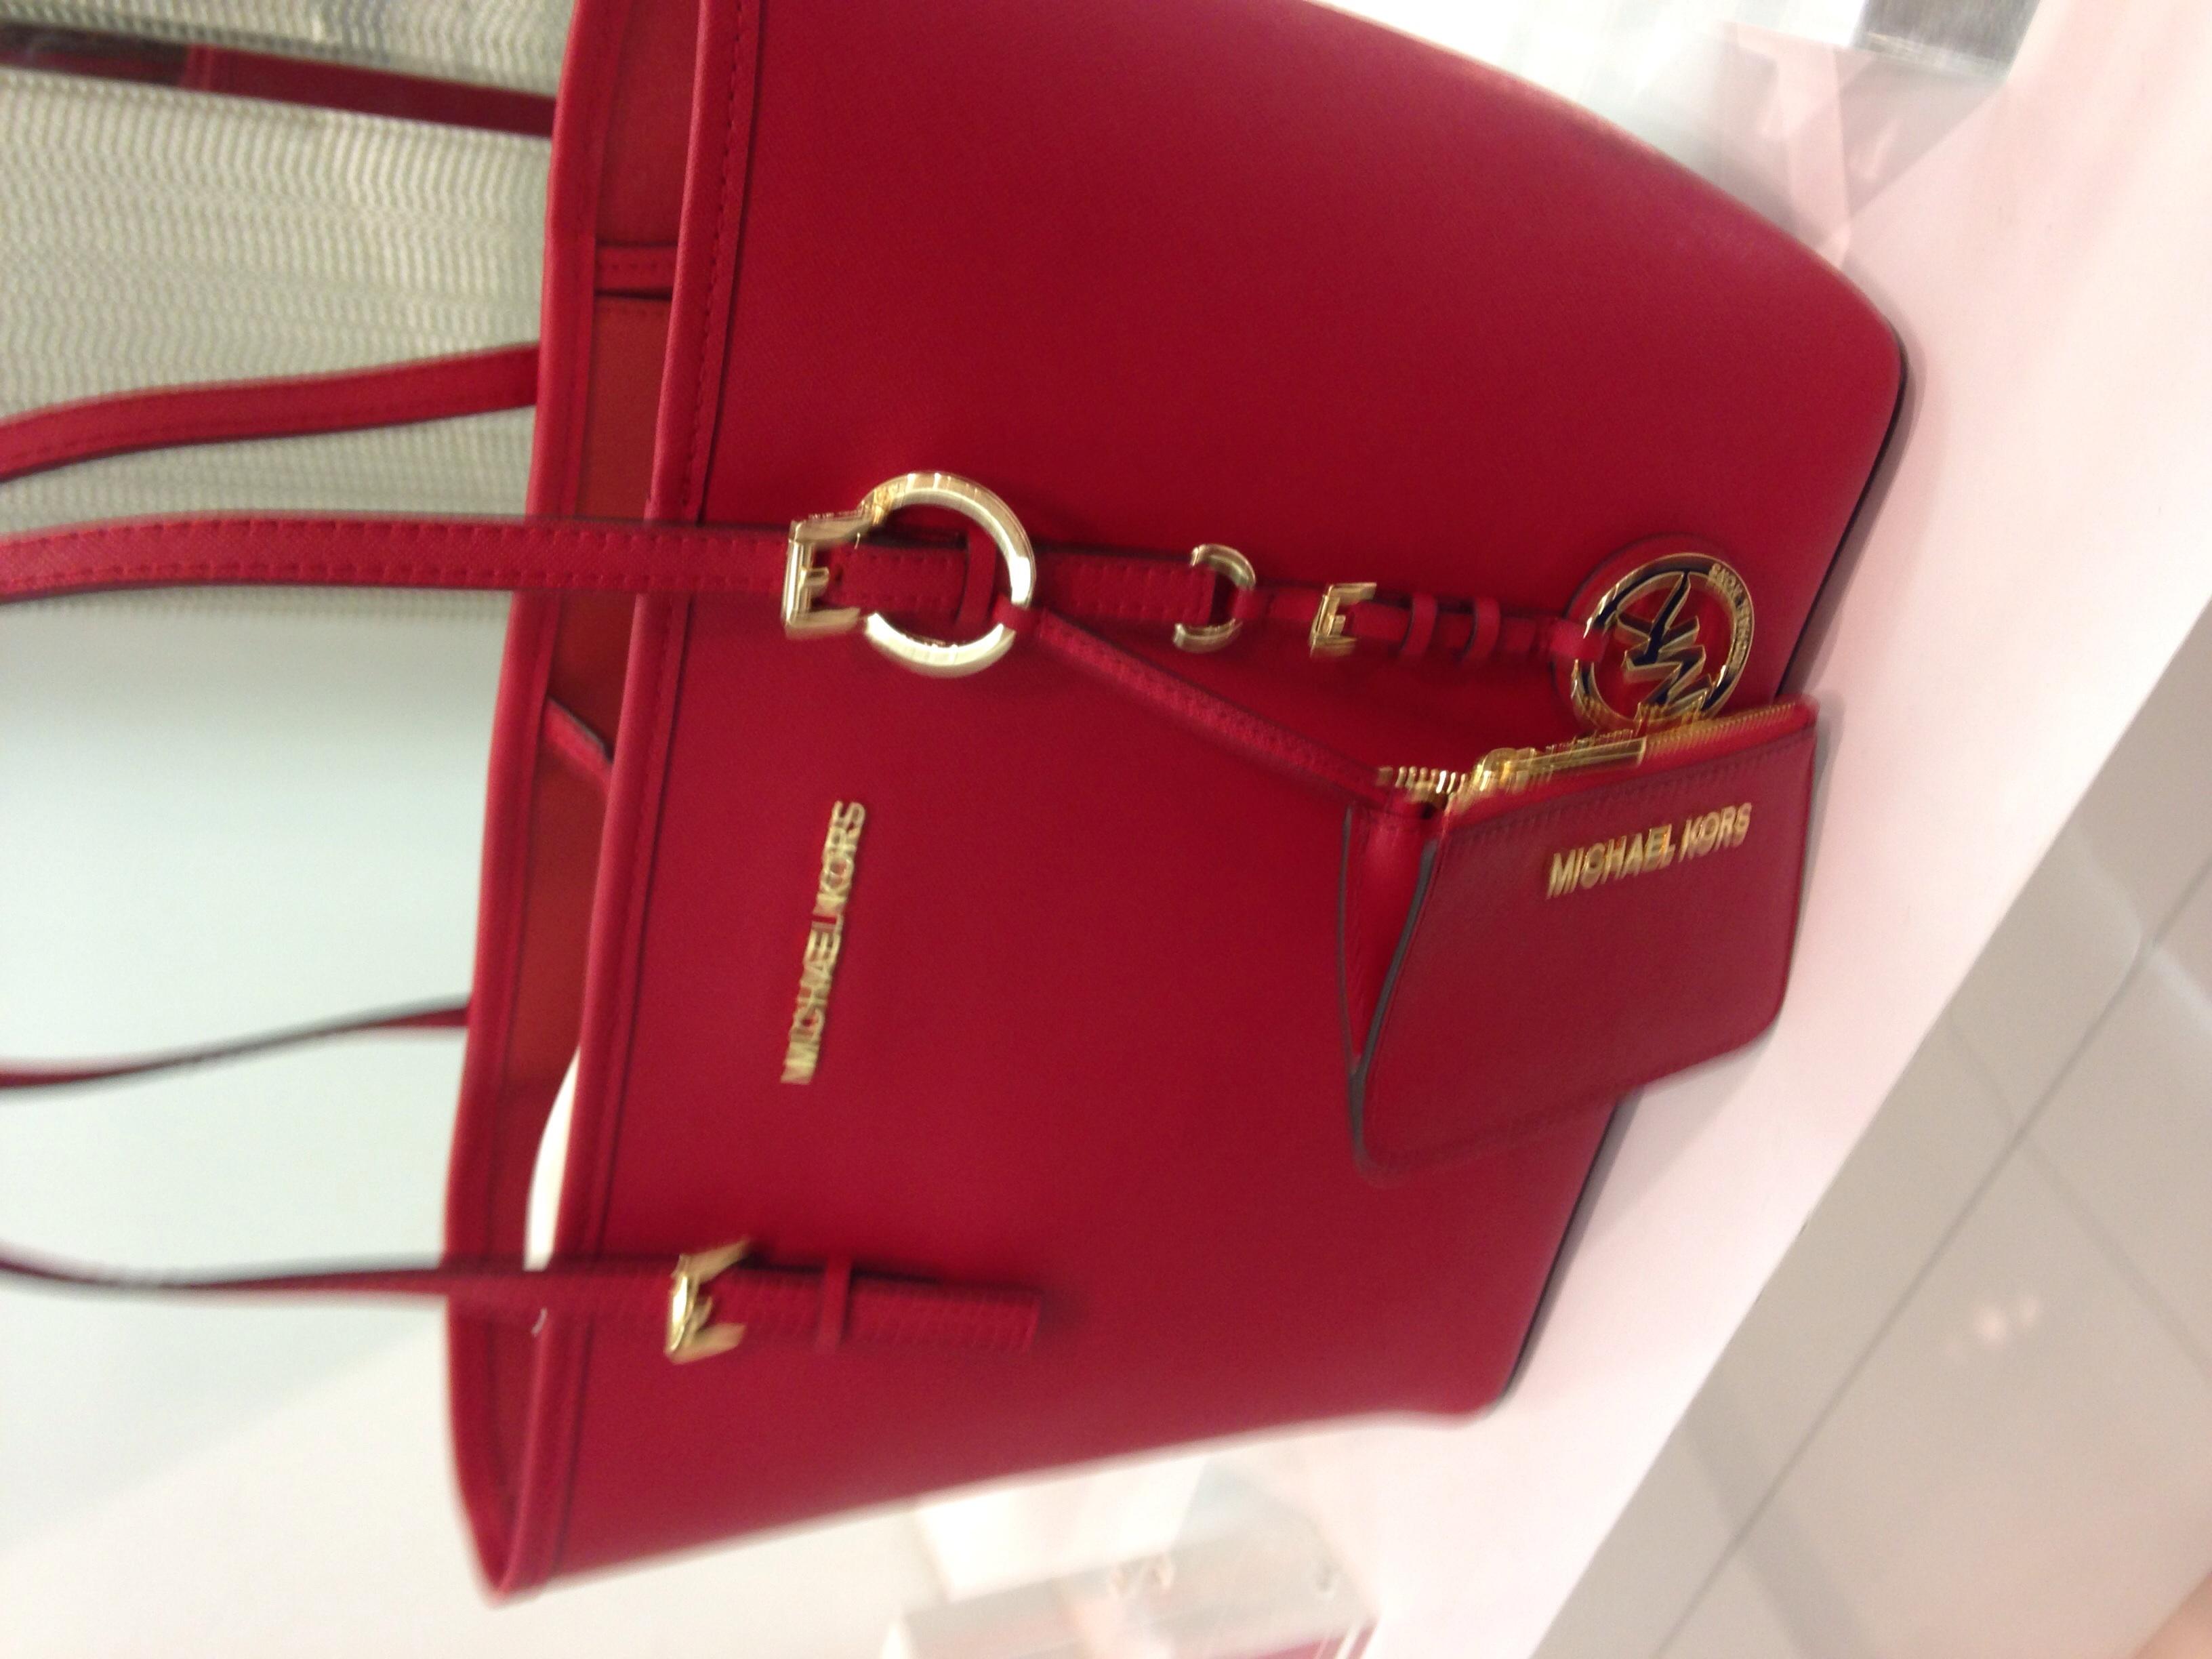 红色十字纹购物袋(没有那个零钱袋)